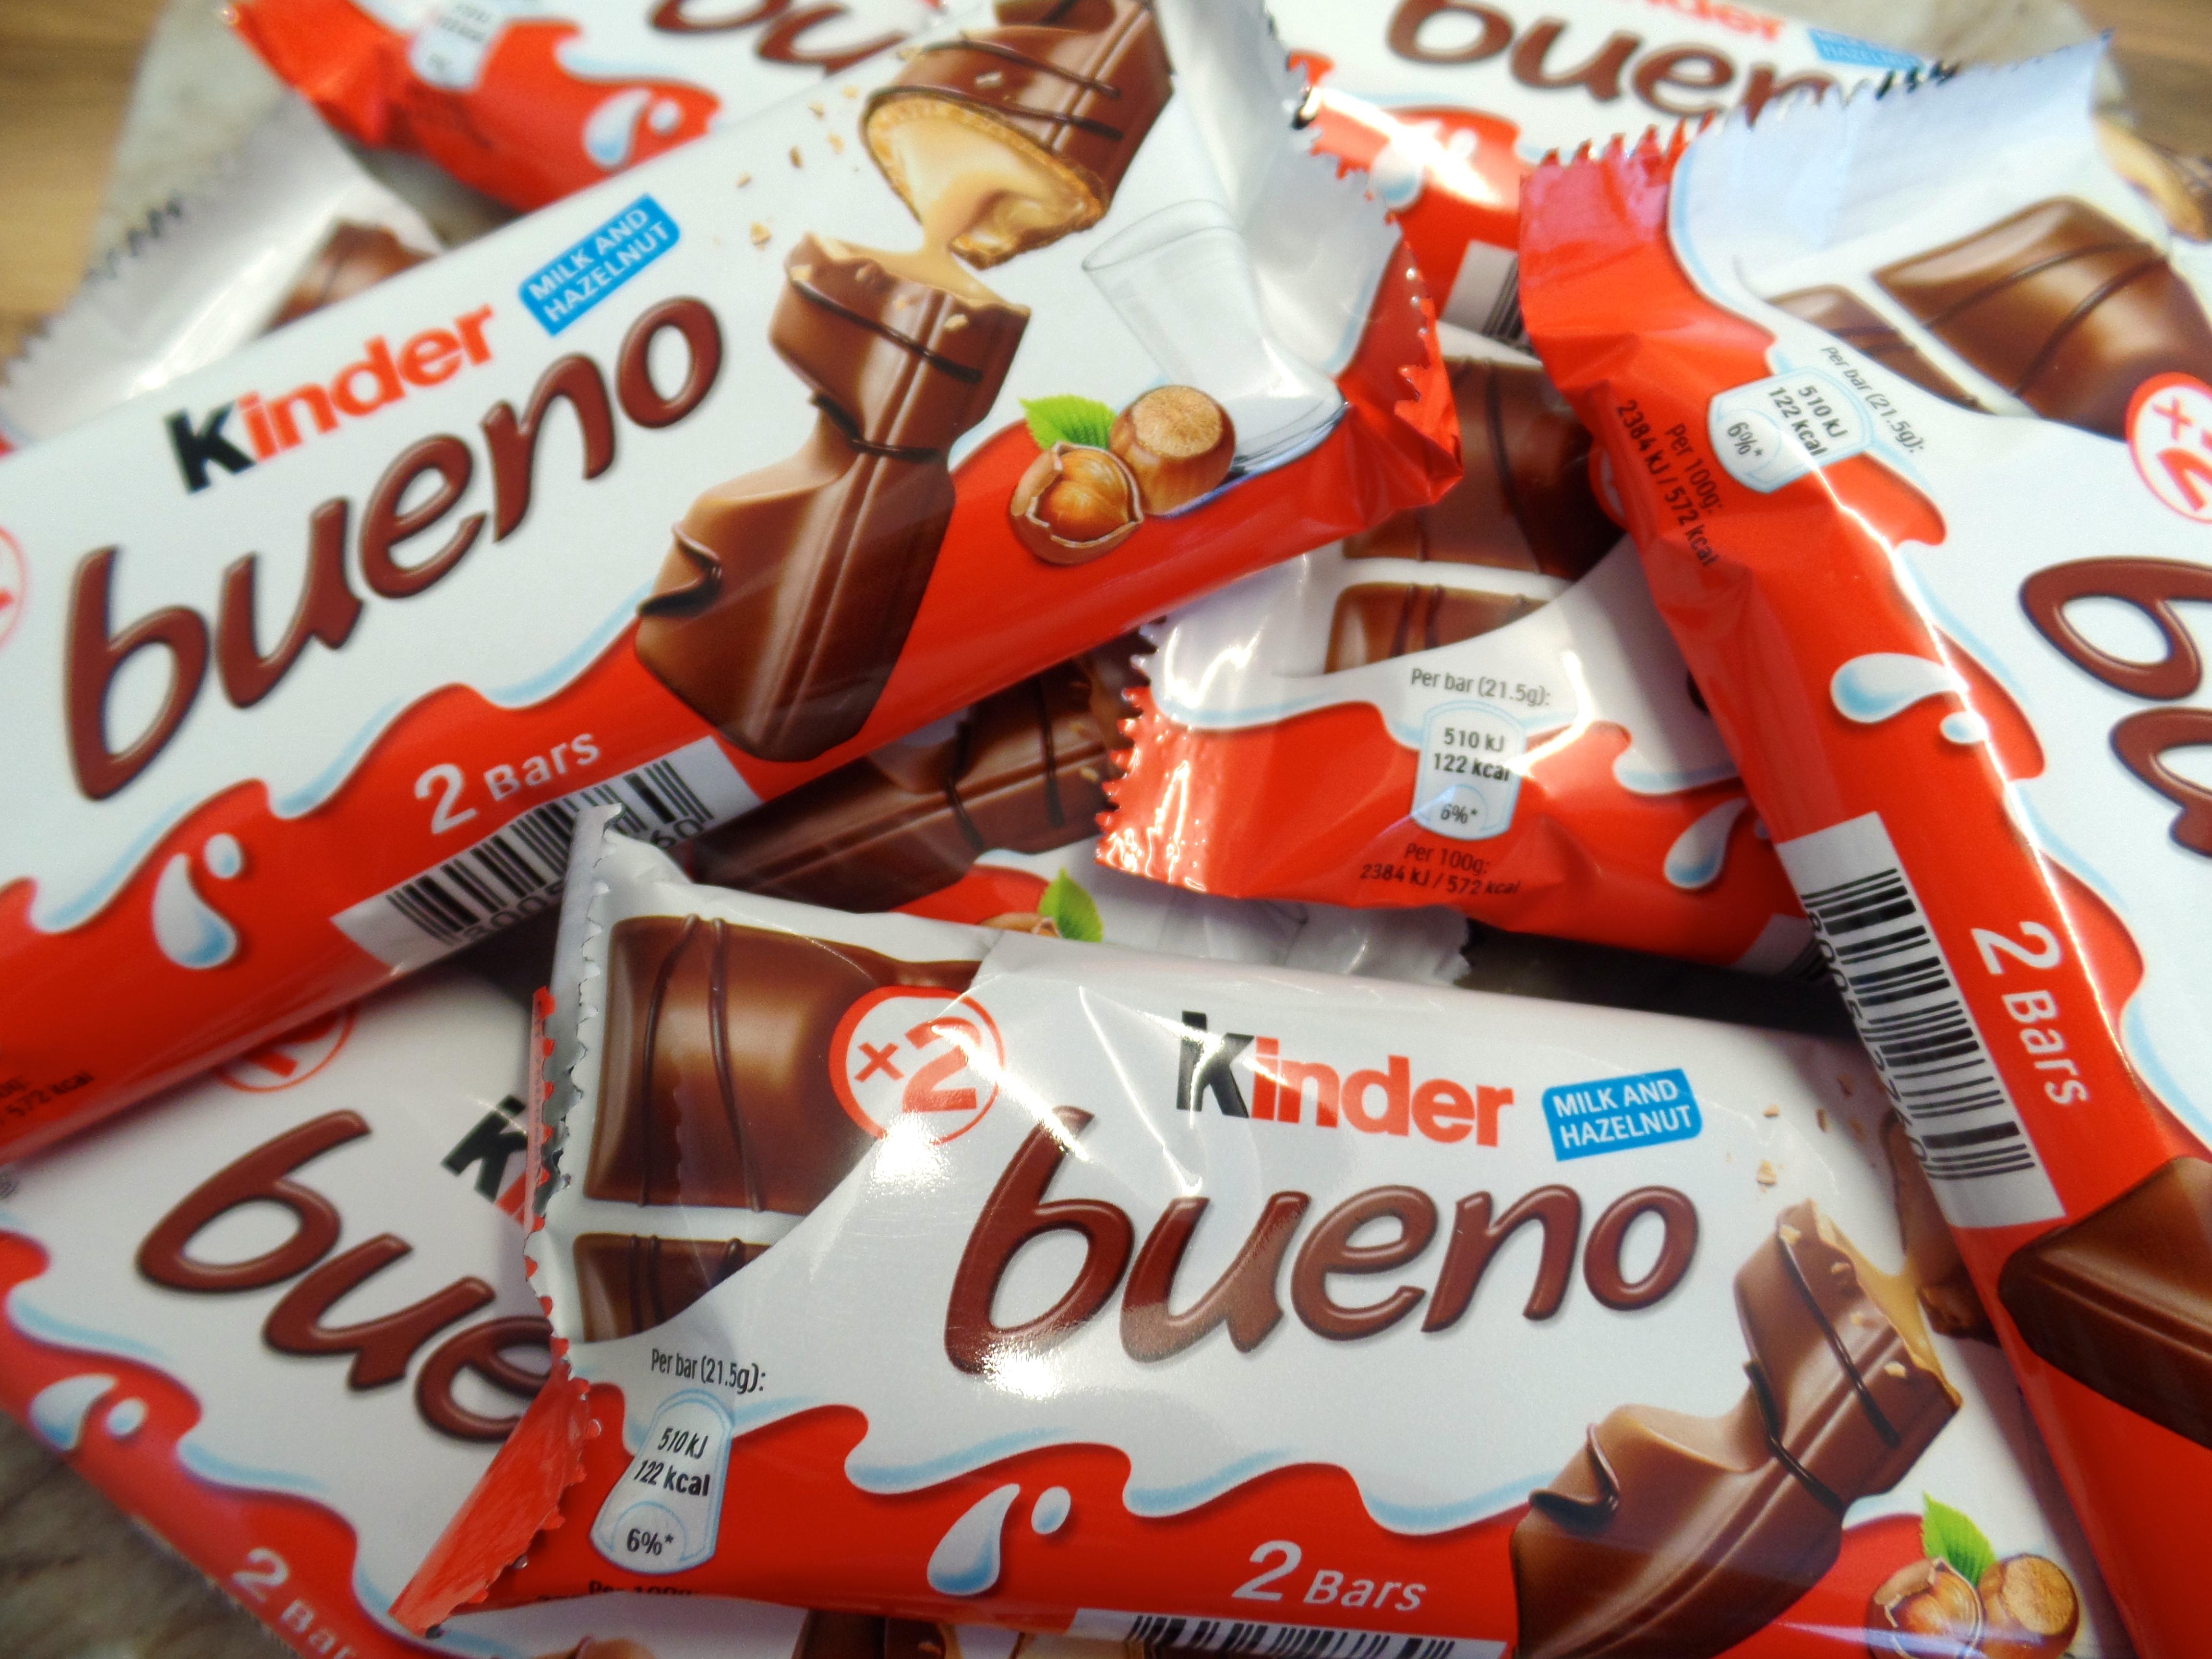 Kinder Bueno Chocolate Calories